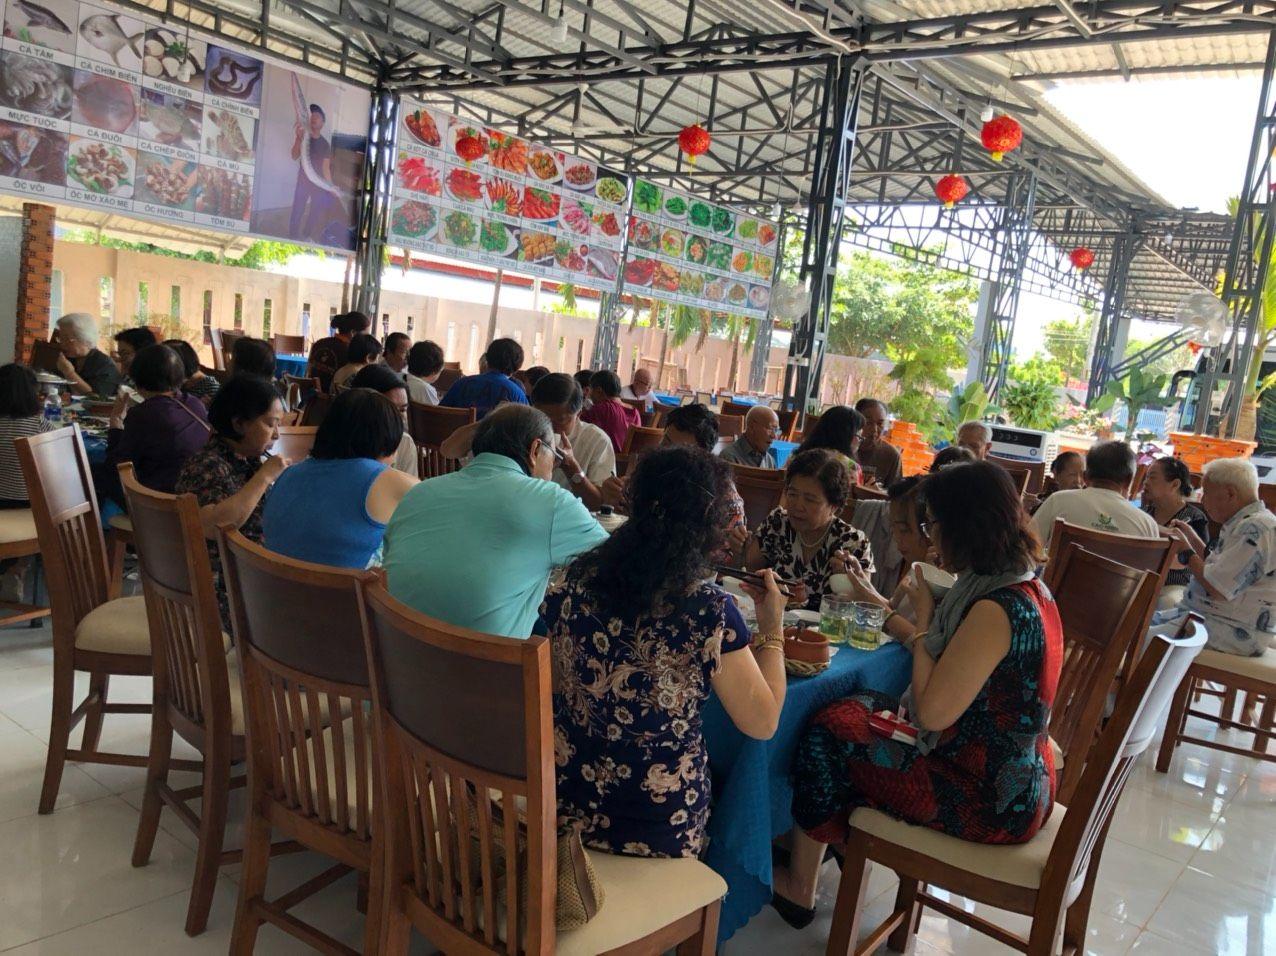 quán Hội Ngộ tiếp nhận các đoàn khách tour ở Bình Châu